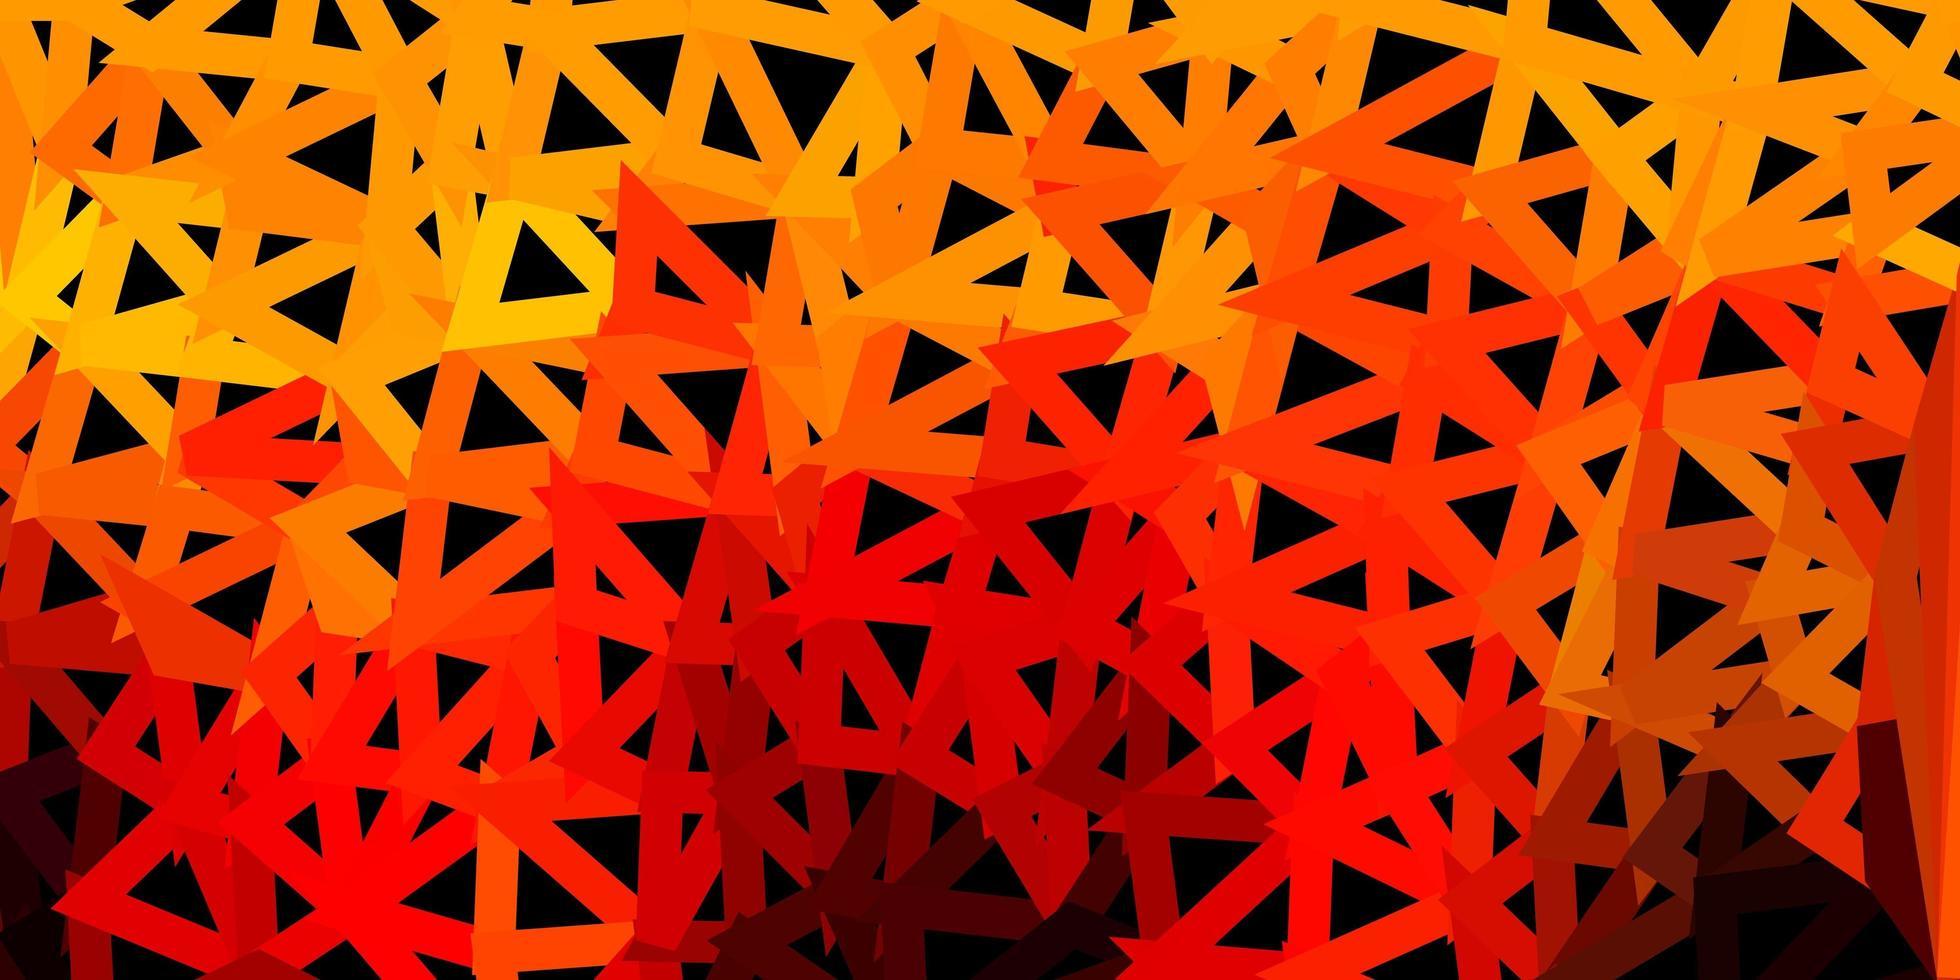 texture de polygone dégradé vecteur orange foncé.